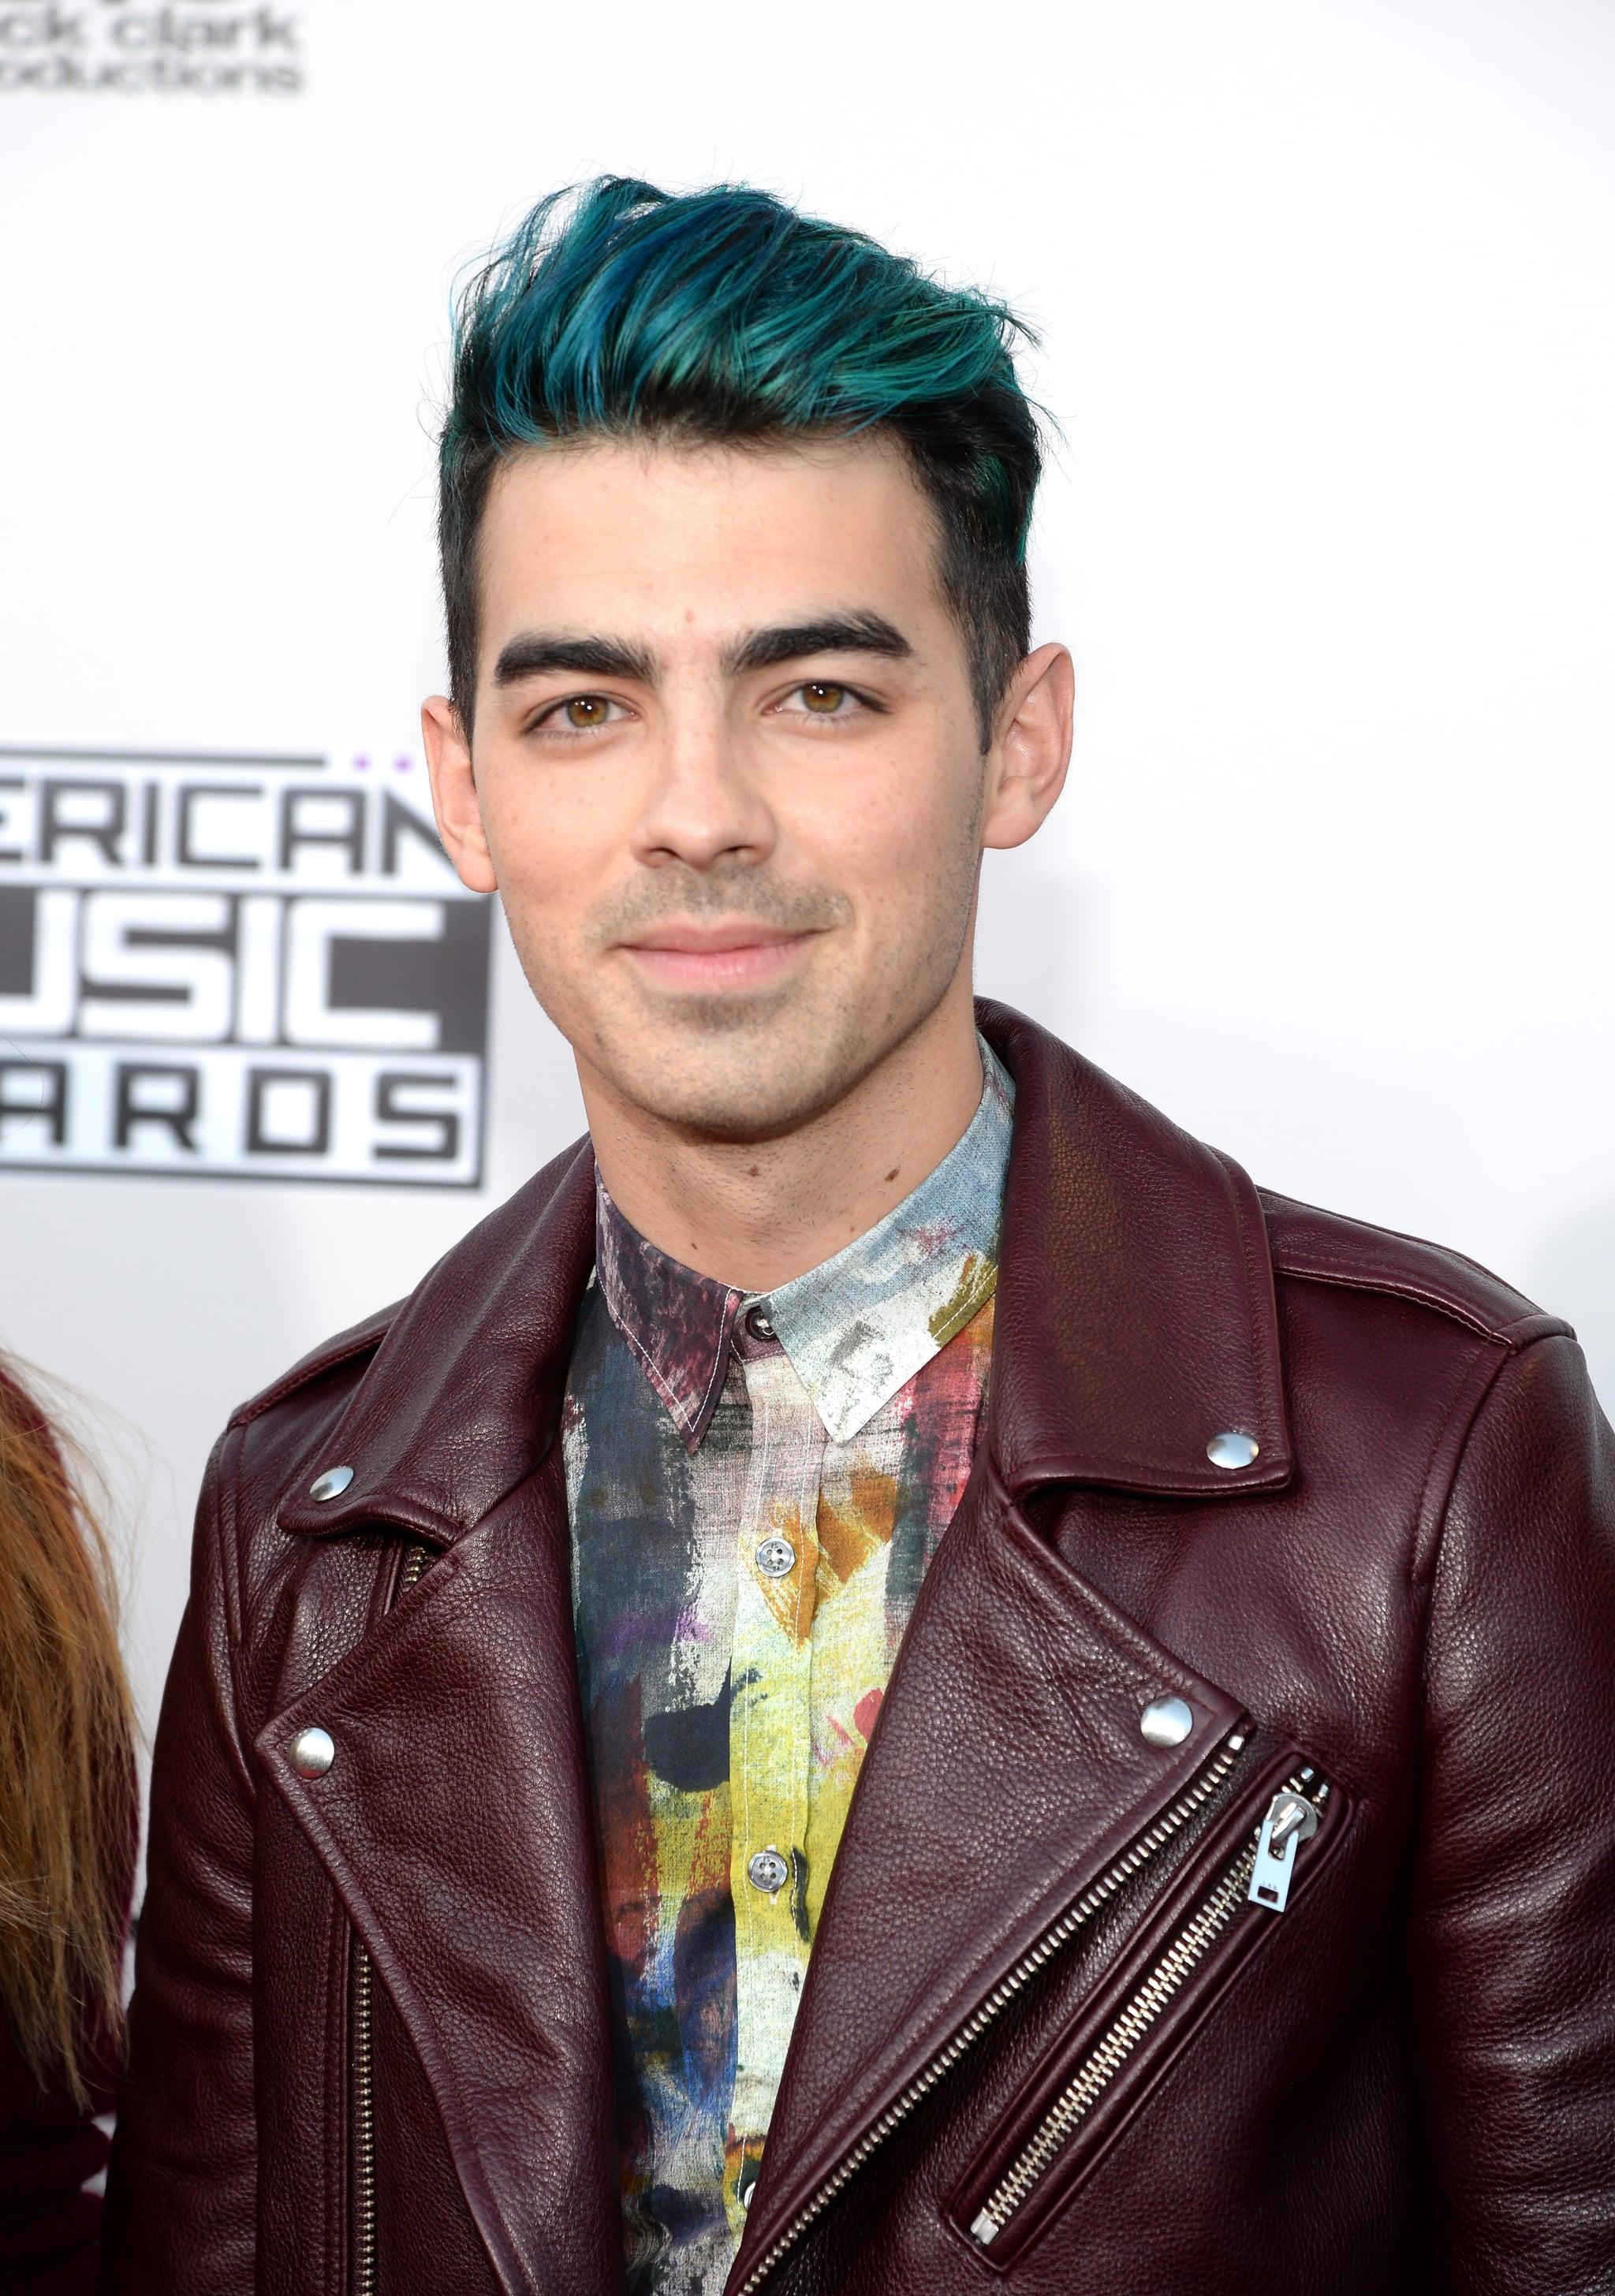 Joe Jonas Blue Hair 2015 Amas Popsugar Beauty